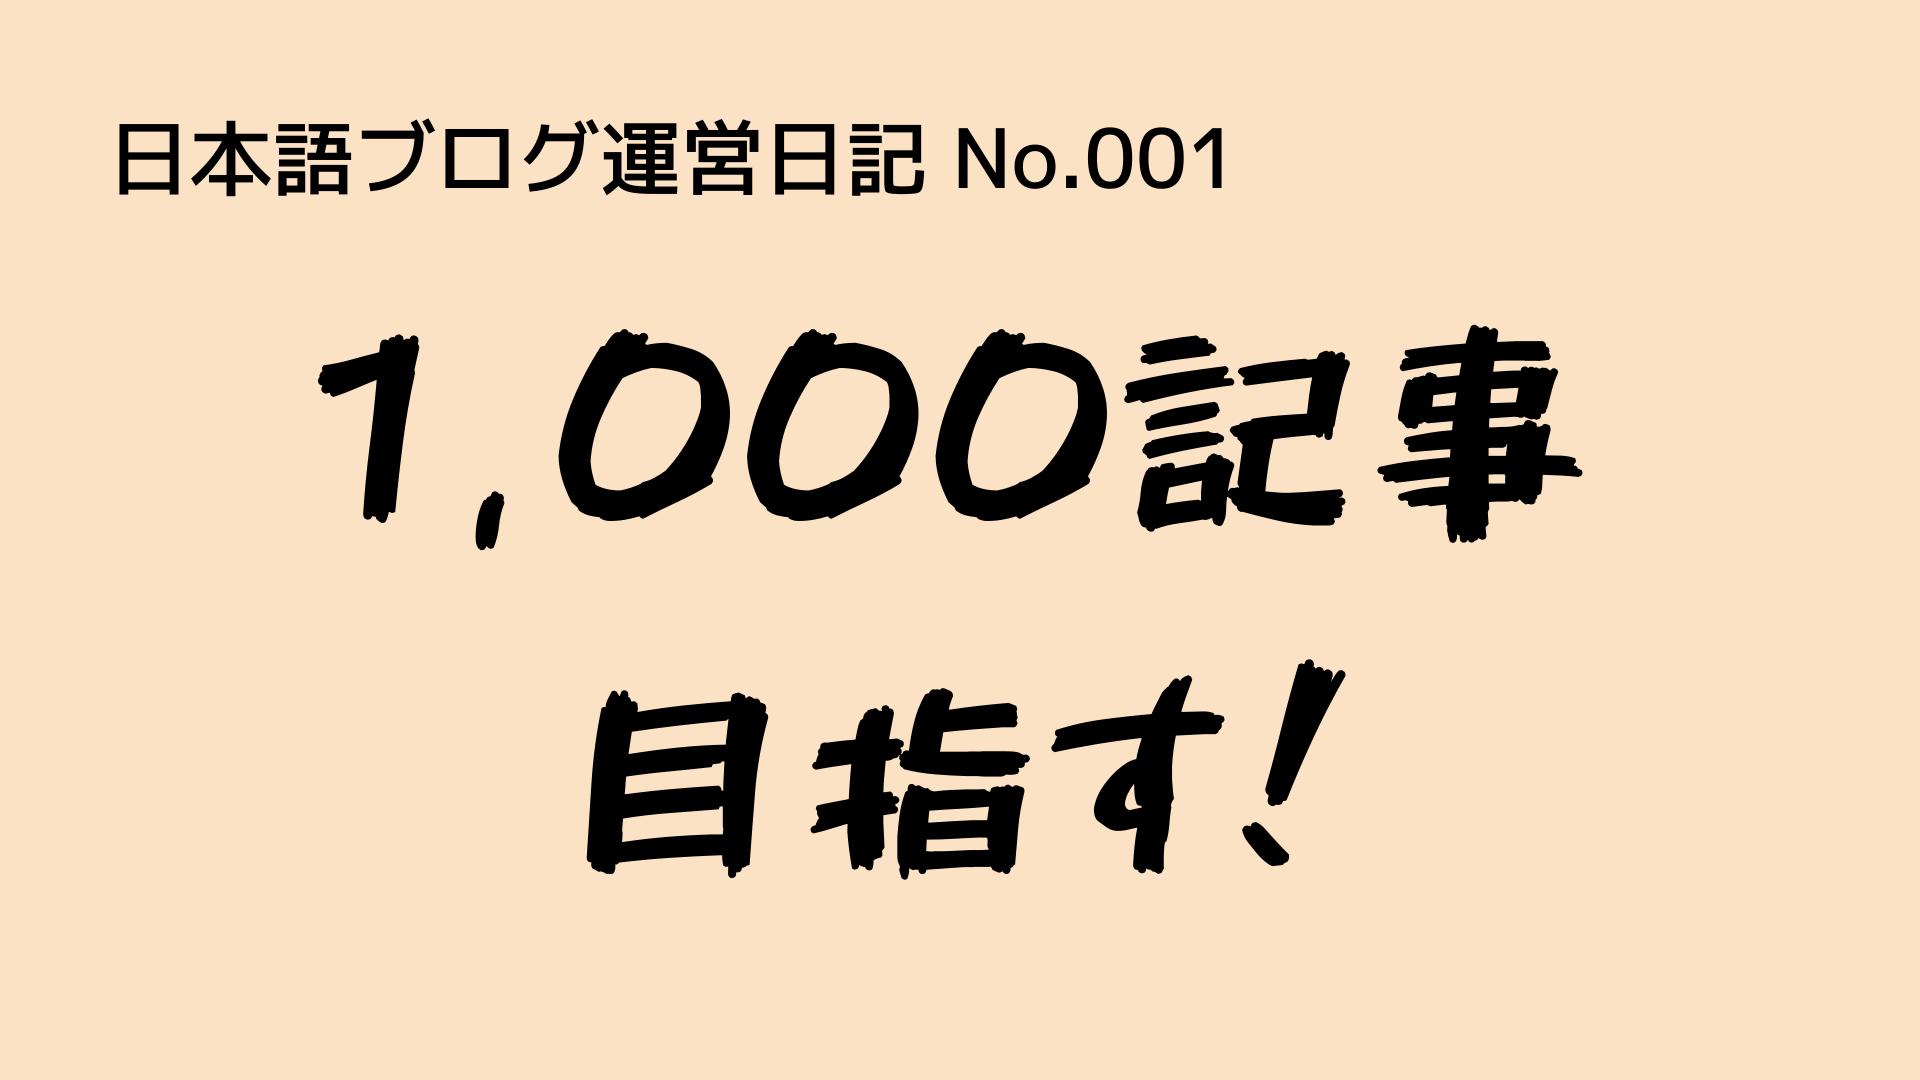 (日本語ブログ運営日記-No.001)ブログを『1,000記事』書くことに挑戦します!